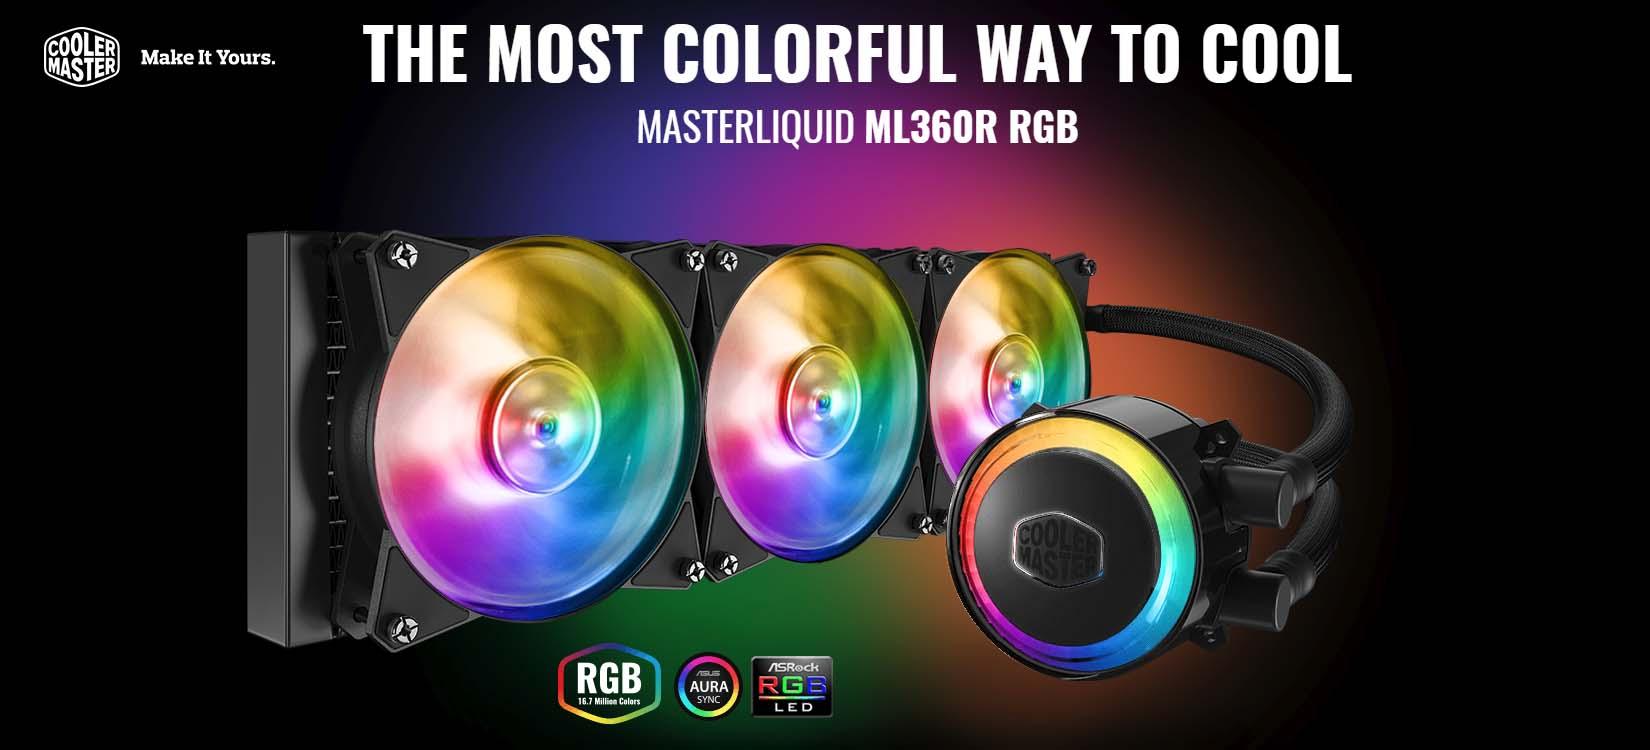 Cooler Master Intros MasterLiquid ML360R Liquid CPU Cooler